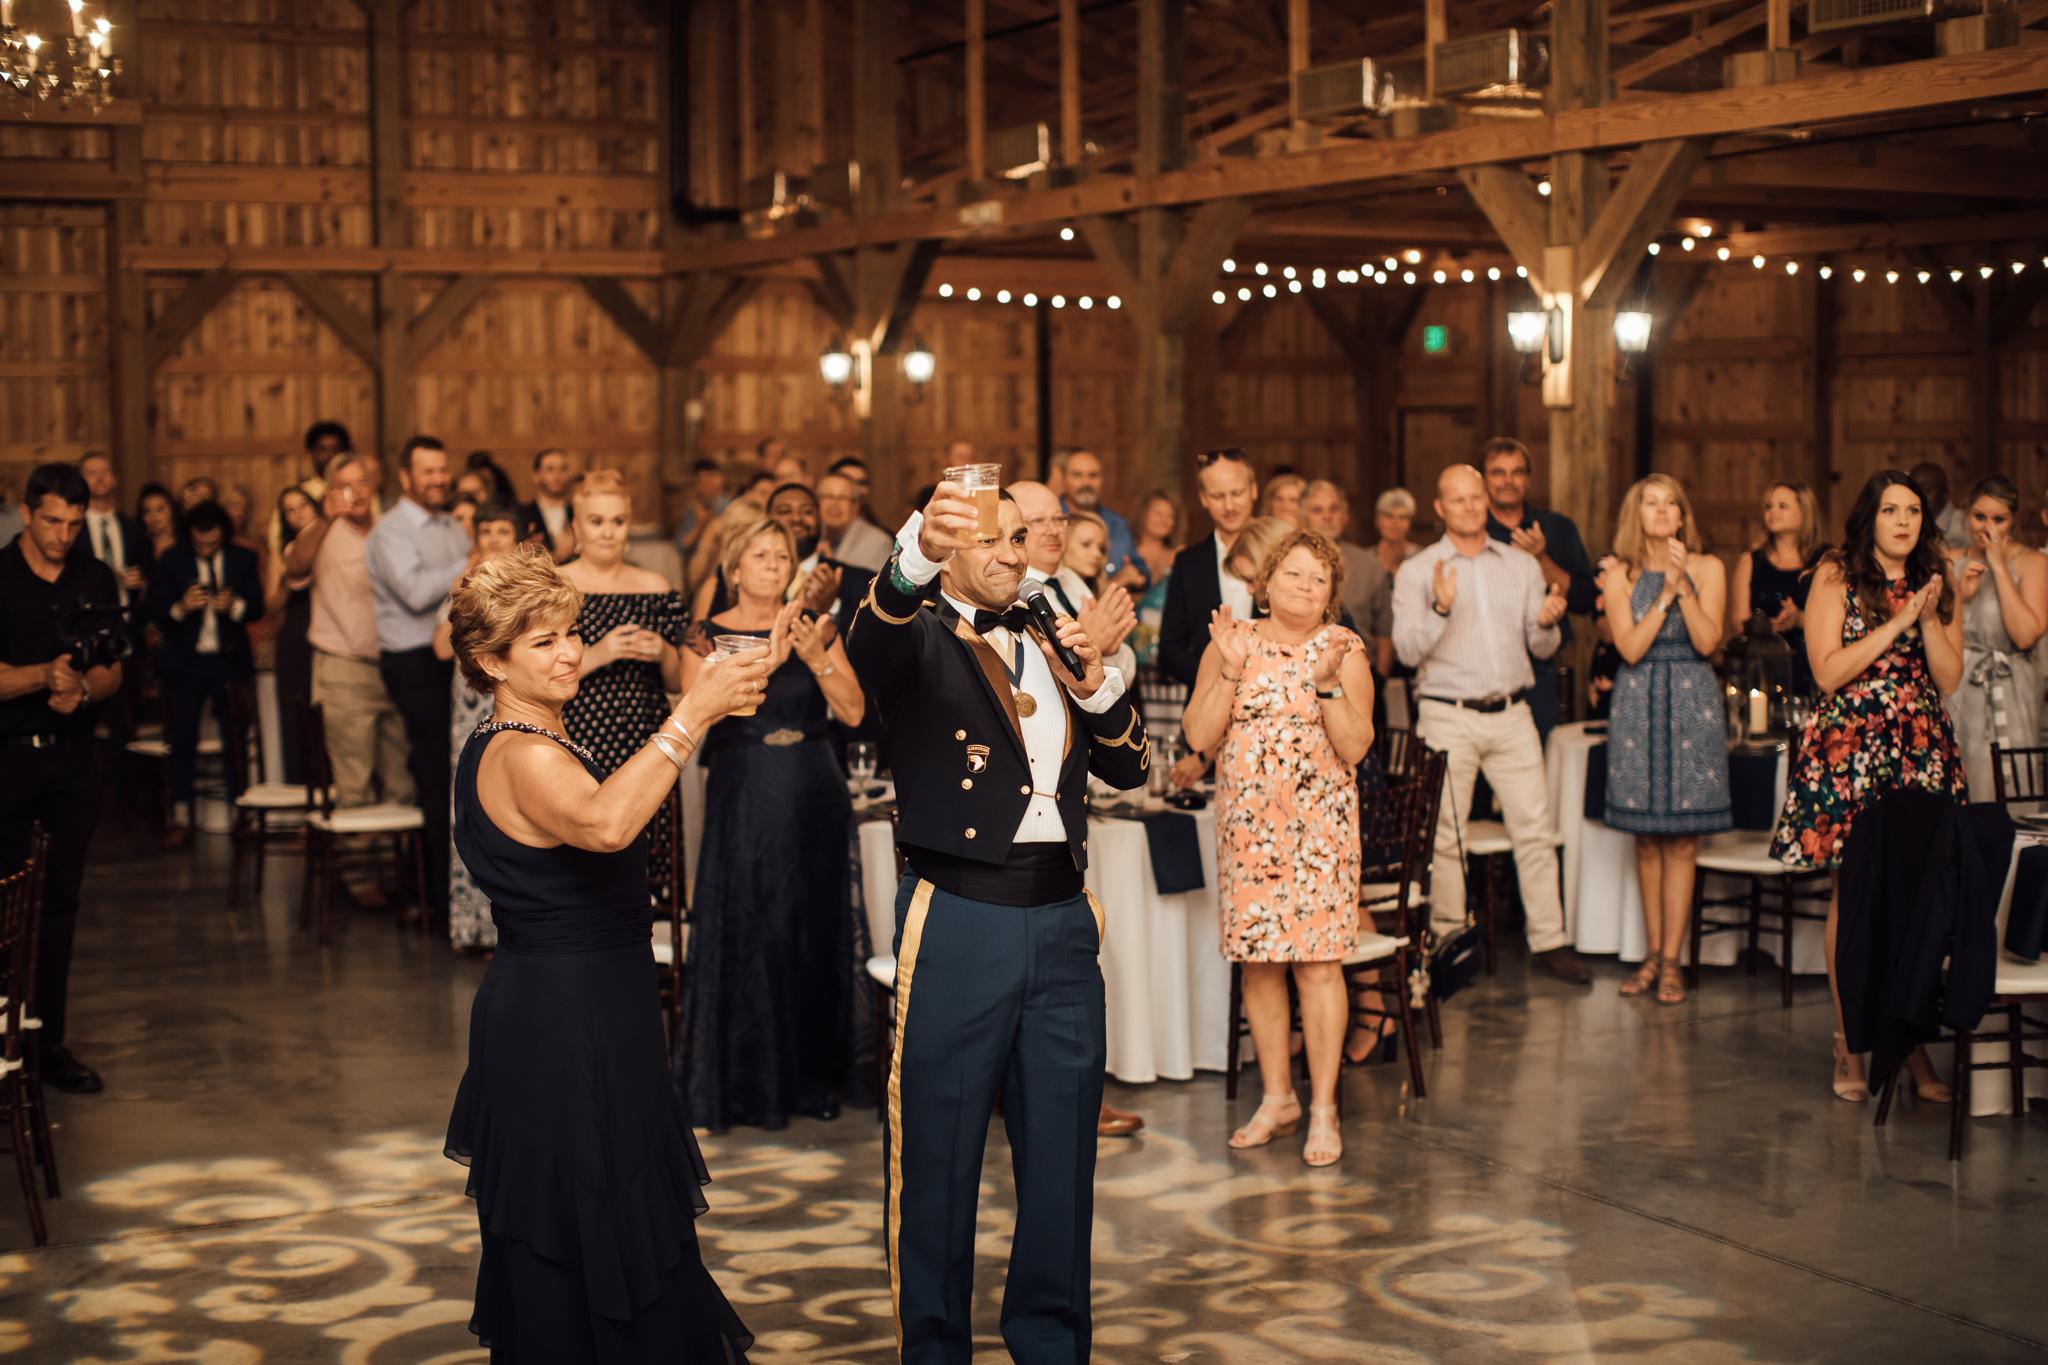 saddlewoodsfarms-nashville-wedding-photographer-thewarmtharoundyou-rustic-wedding (66 of 251).jpg